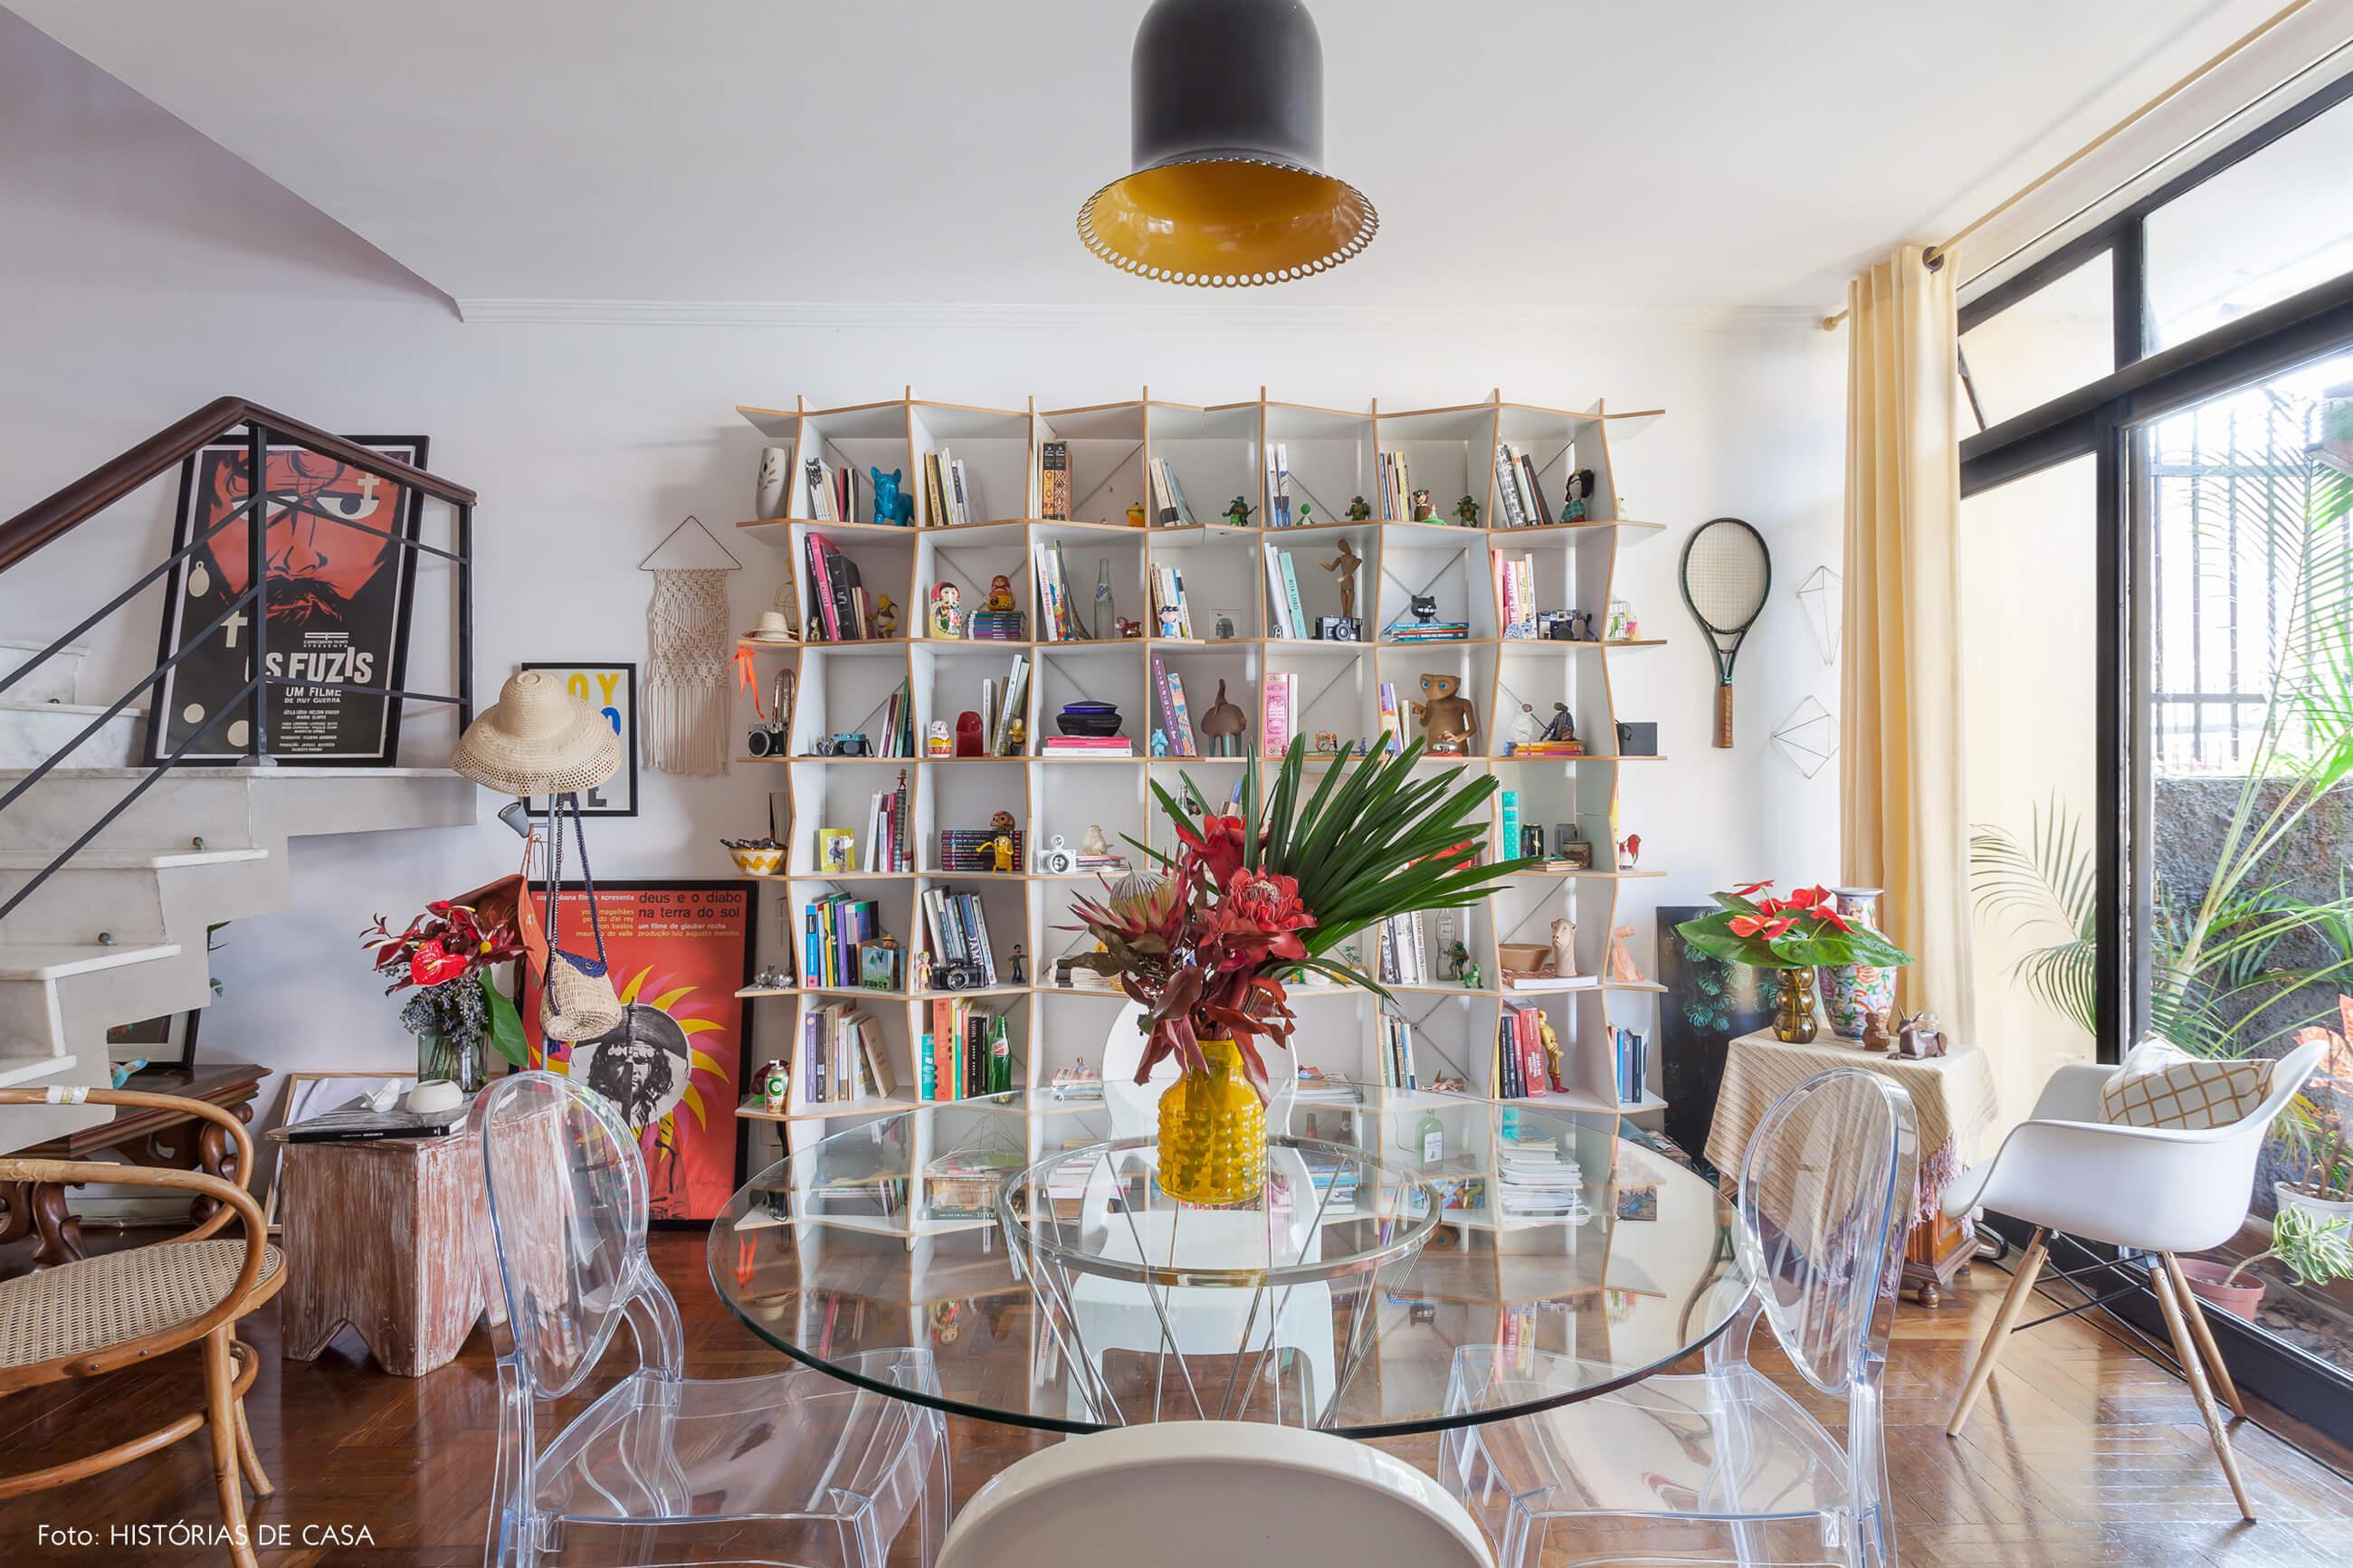 Sala com estante branca e muitos objetos coloridos